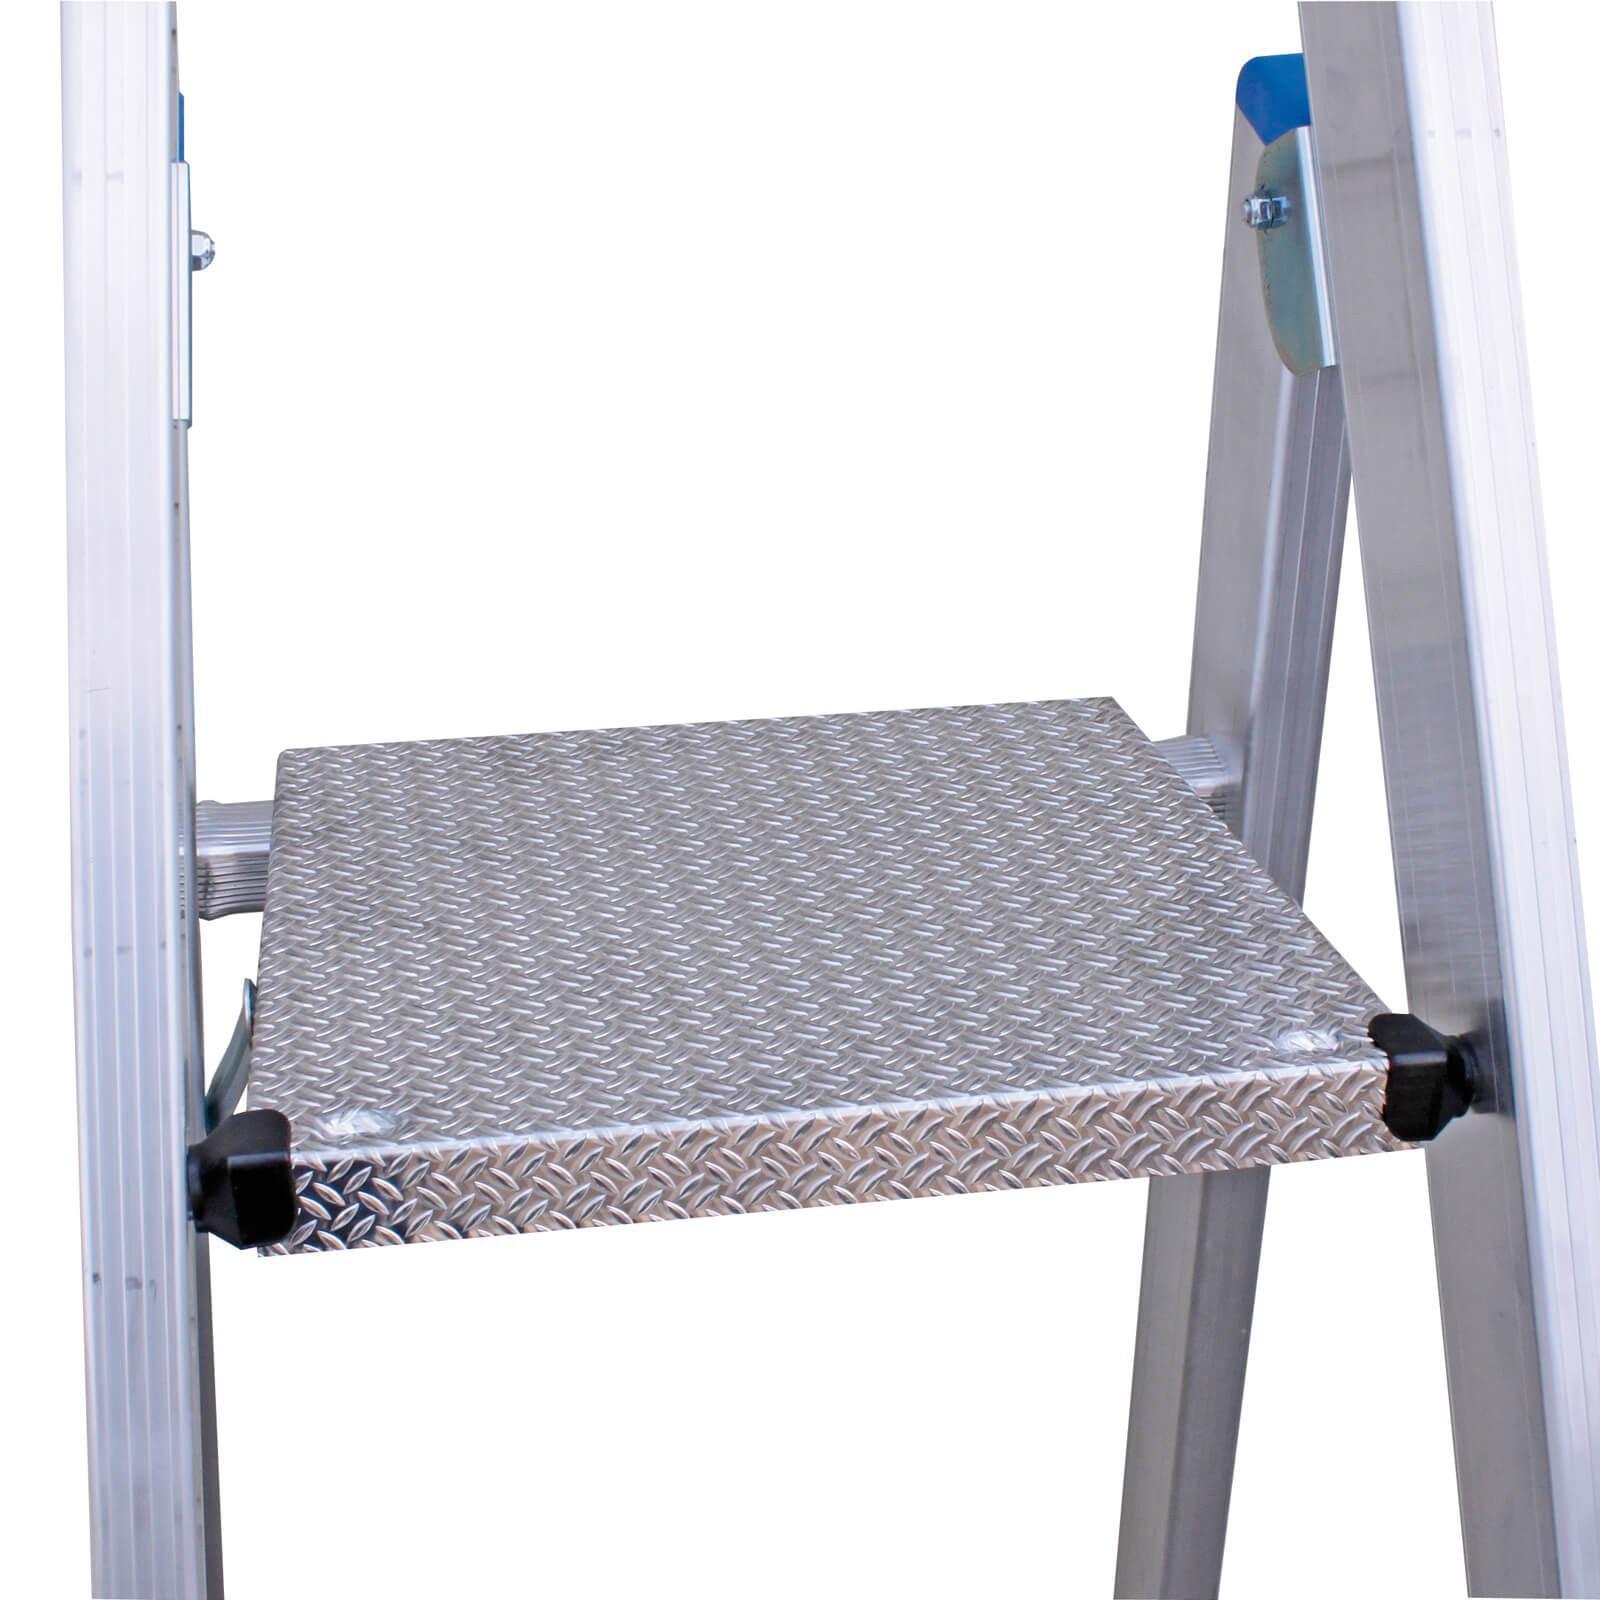 krause stabilo professional alu stufenleiter 8 stufen. Black Bedroom Furniture Sets. Home Design Ideas